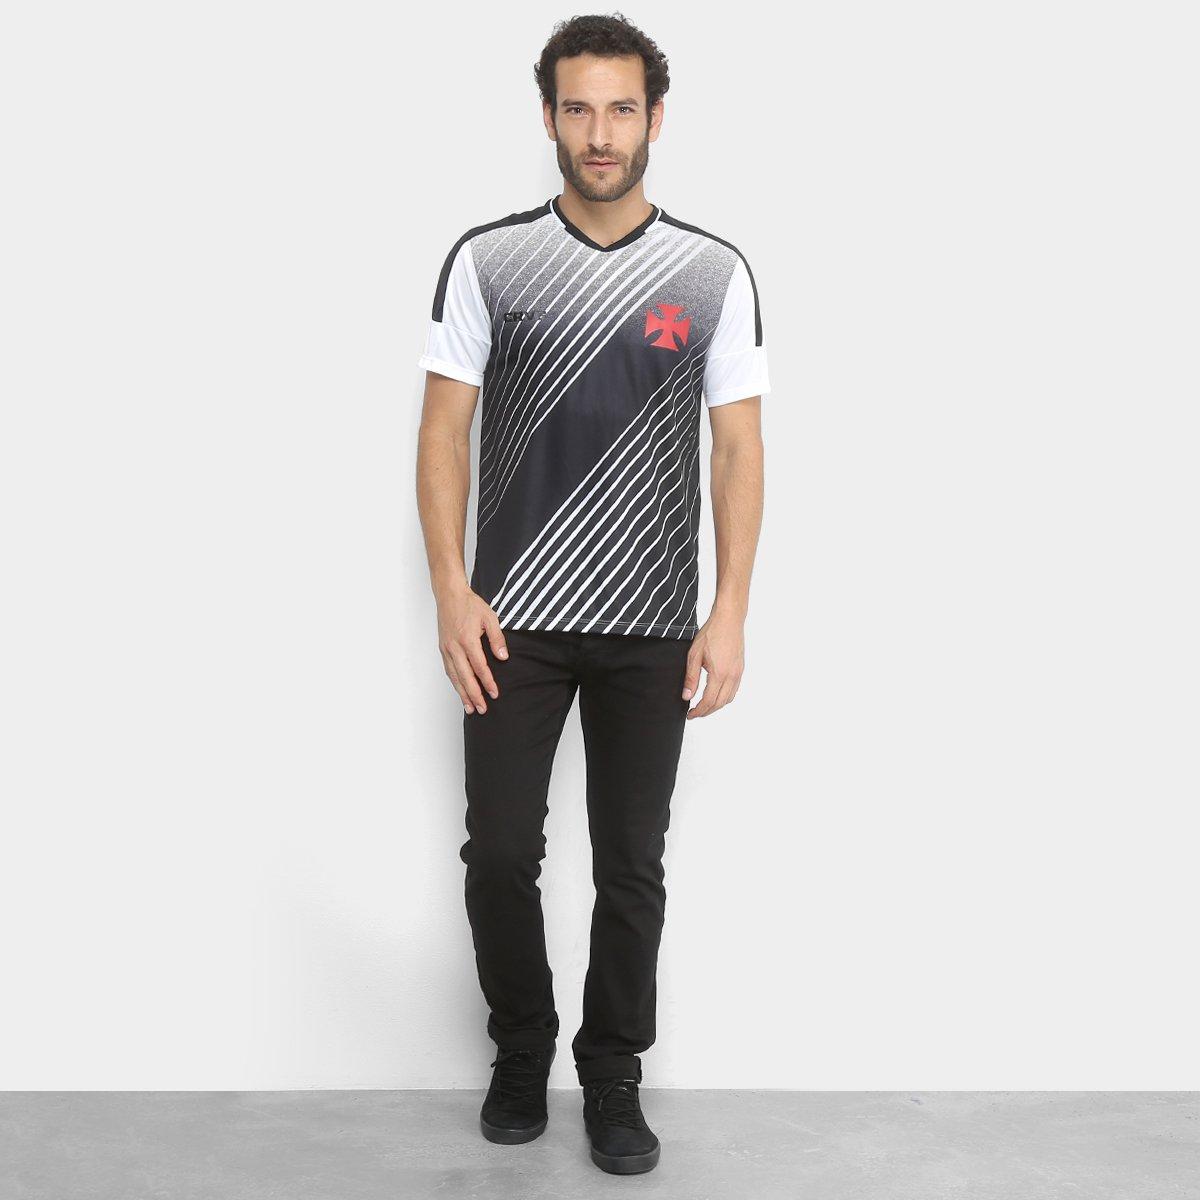 Camiseta Vasco Crush Masculina - Branco e Preto - Compre Agora ... 4bcc705dcbcf3